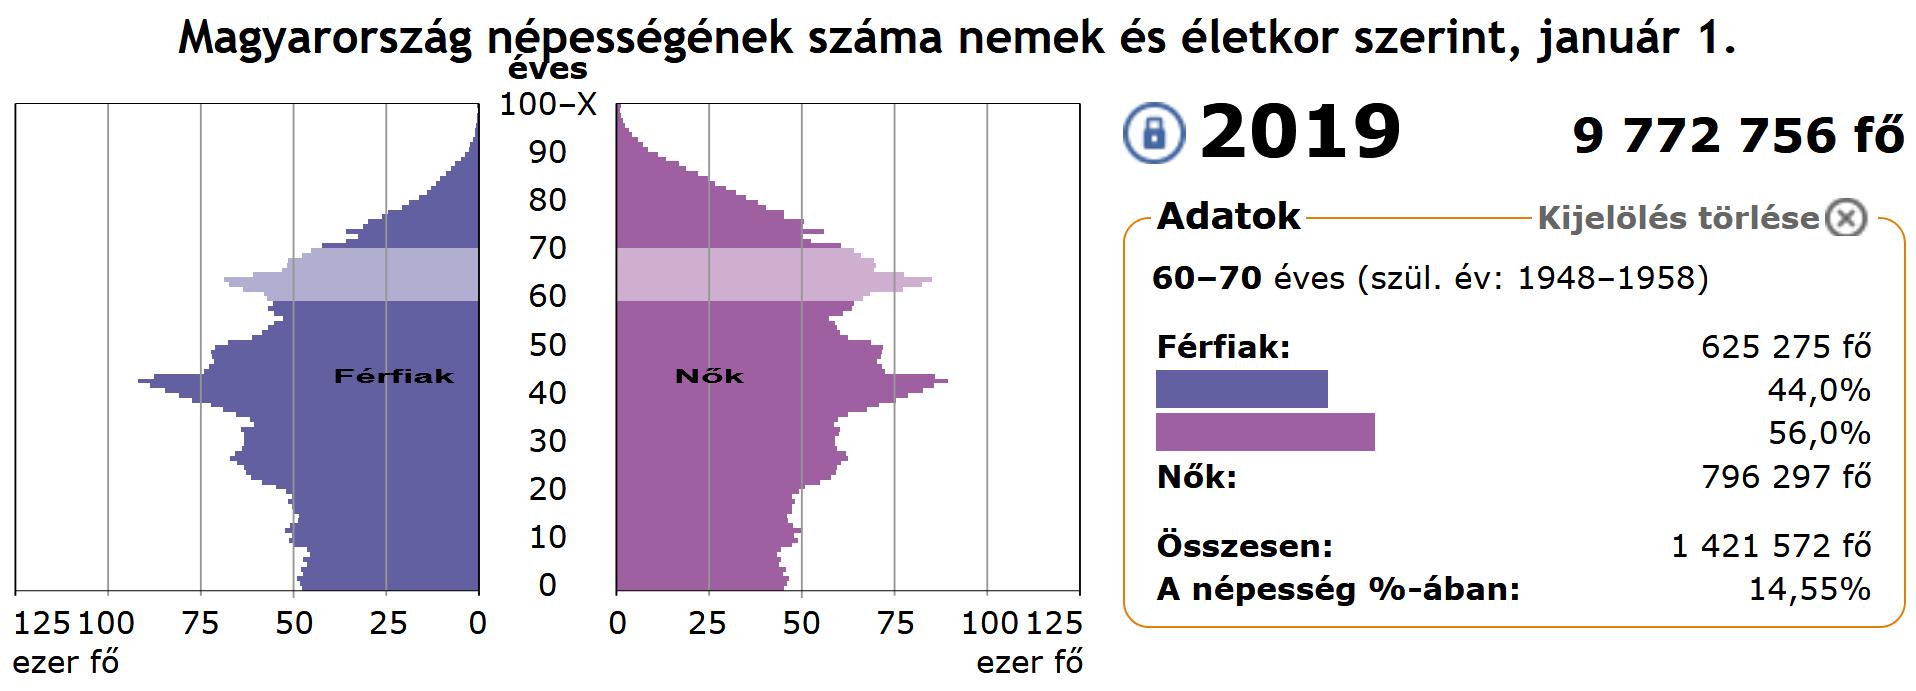 screenshot_2020-09-05_magyarorszag_nepessegenek_szama_nemek_es_eletkor_szerint_1870-2060_1.png